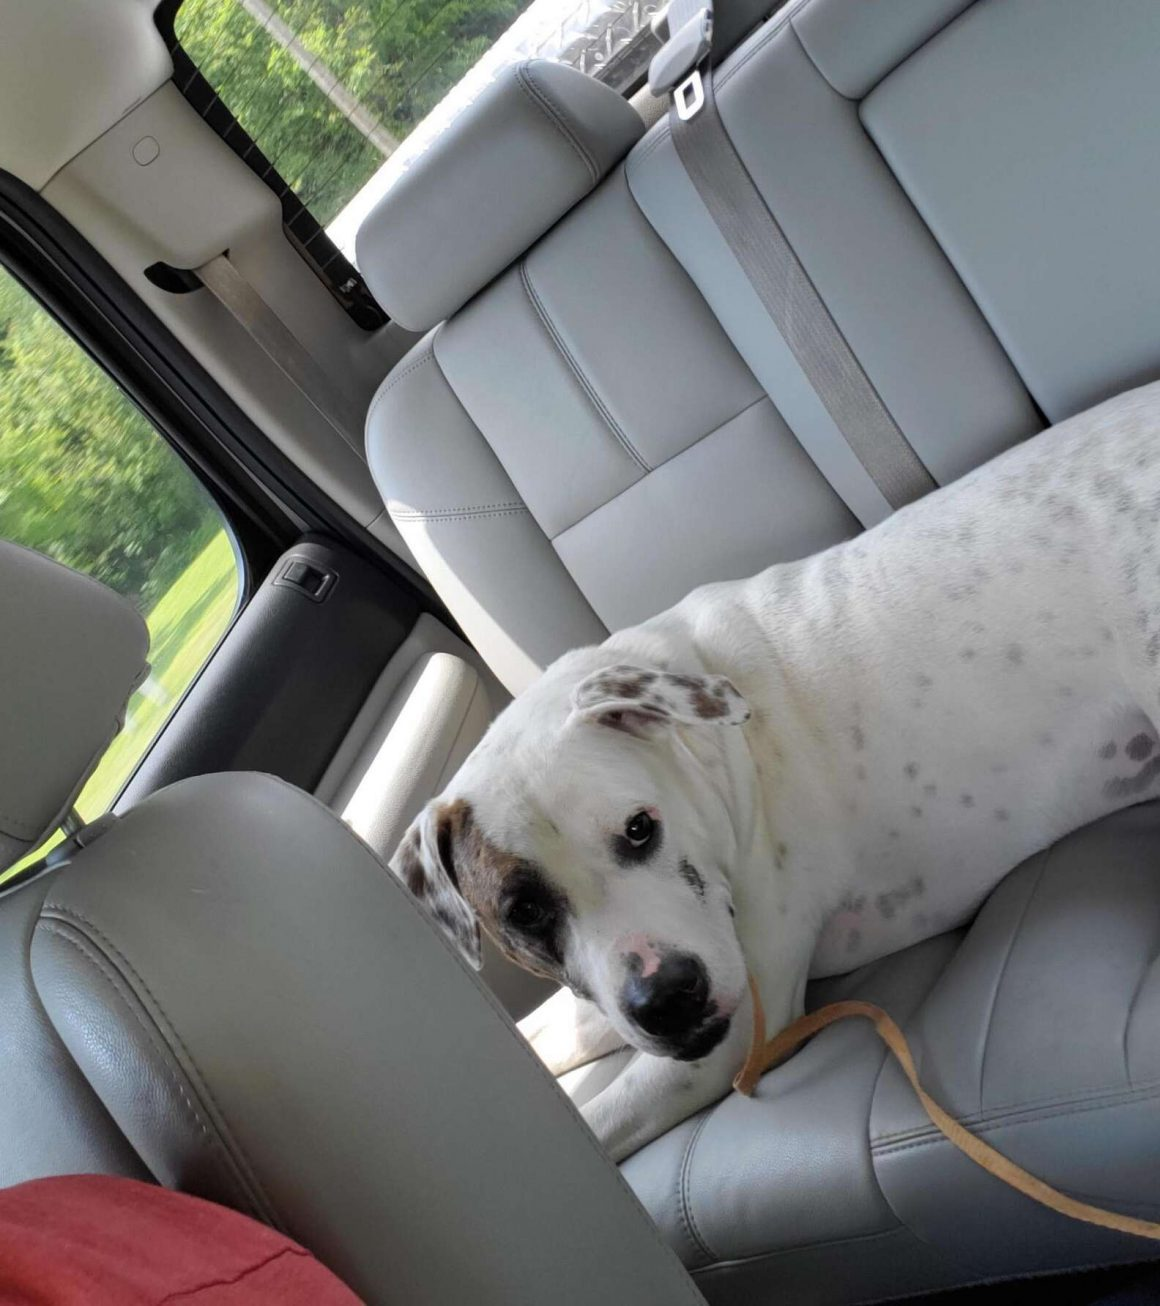 anjing pittie di dalam mobil